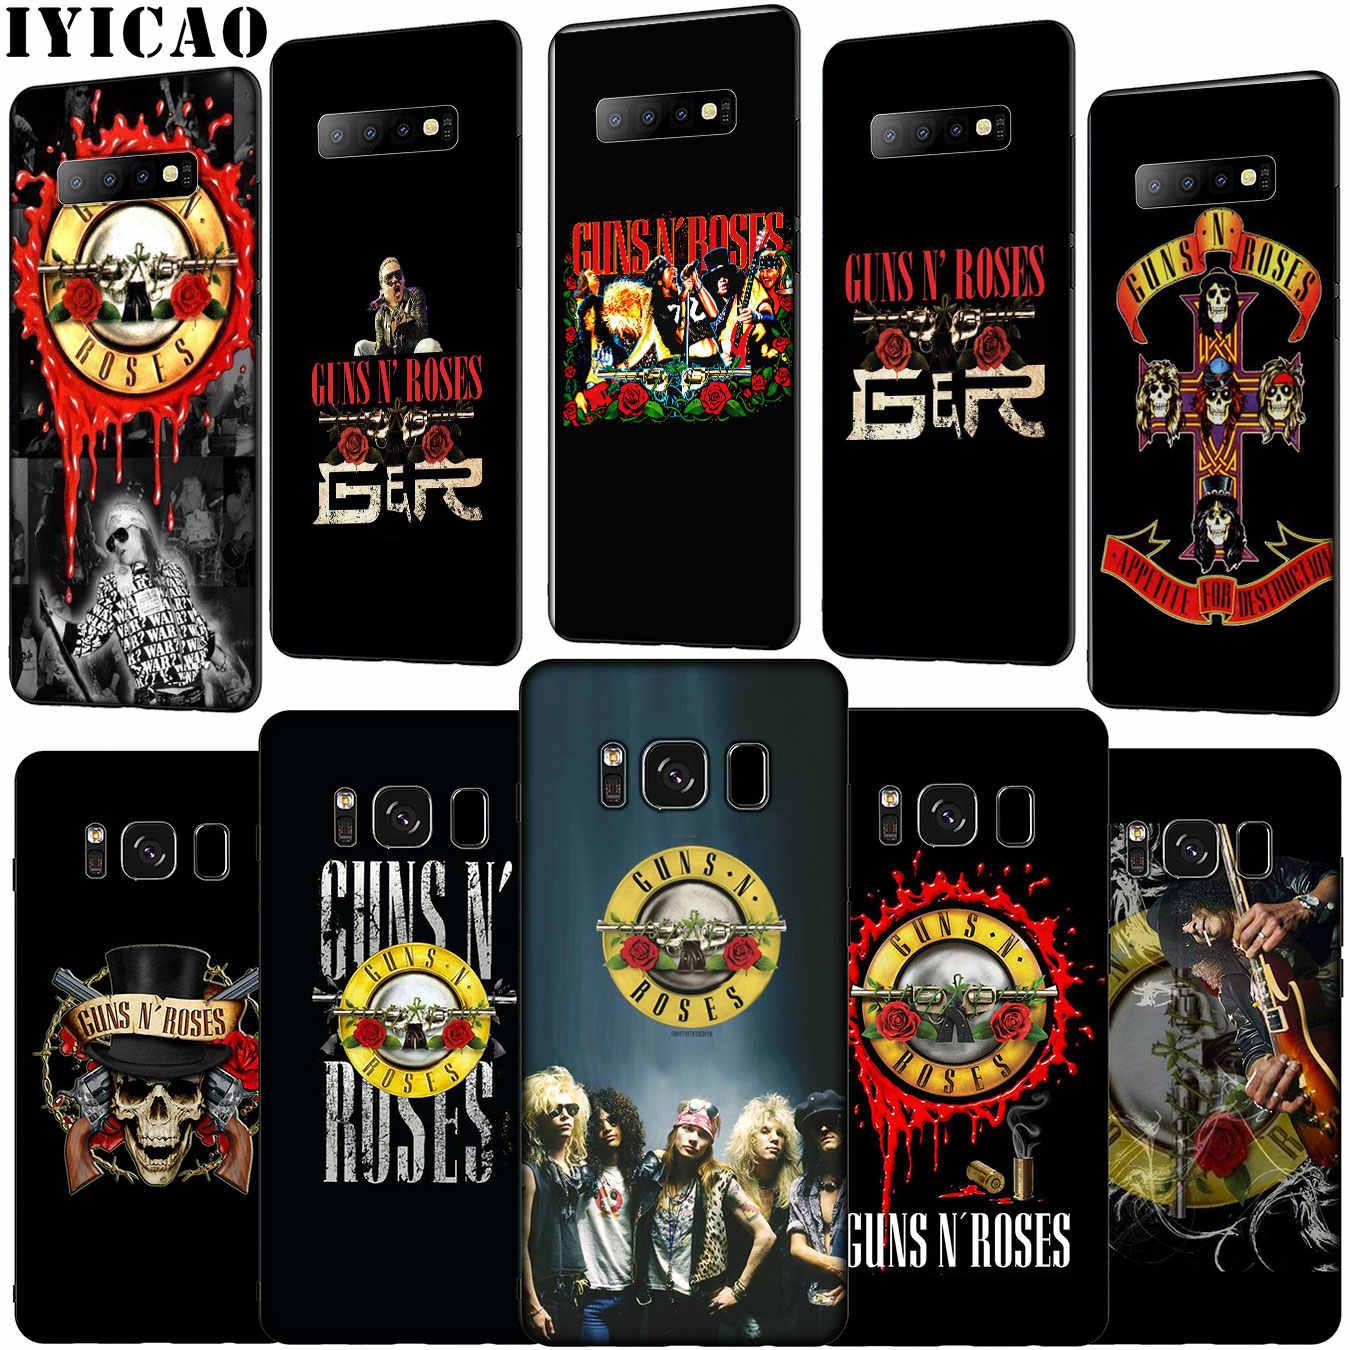 IYICAO guns n roses Guns N' Roses de silicona suave caso de teléfono para Samsung Galaxy S10 E S9 S8 más S6 s7 Edge S10e TPU cubierta negra